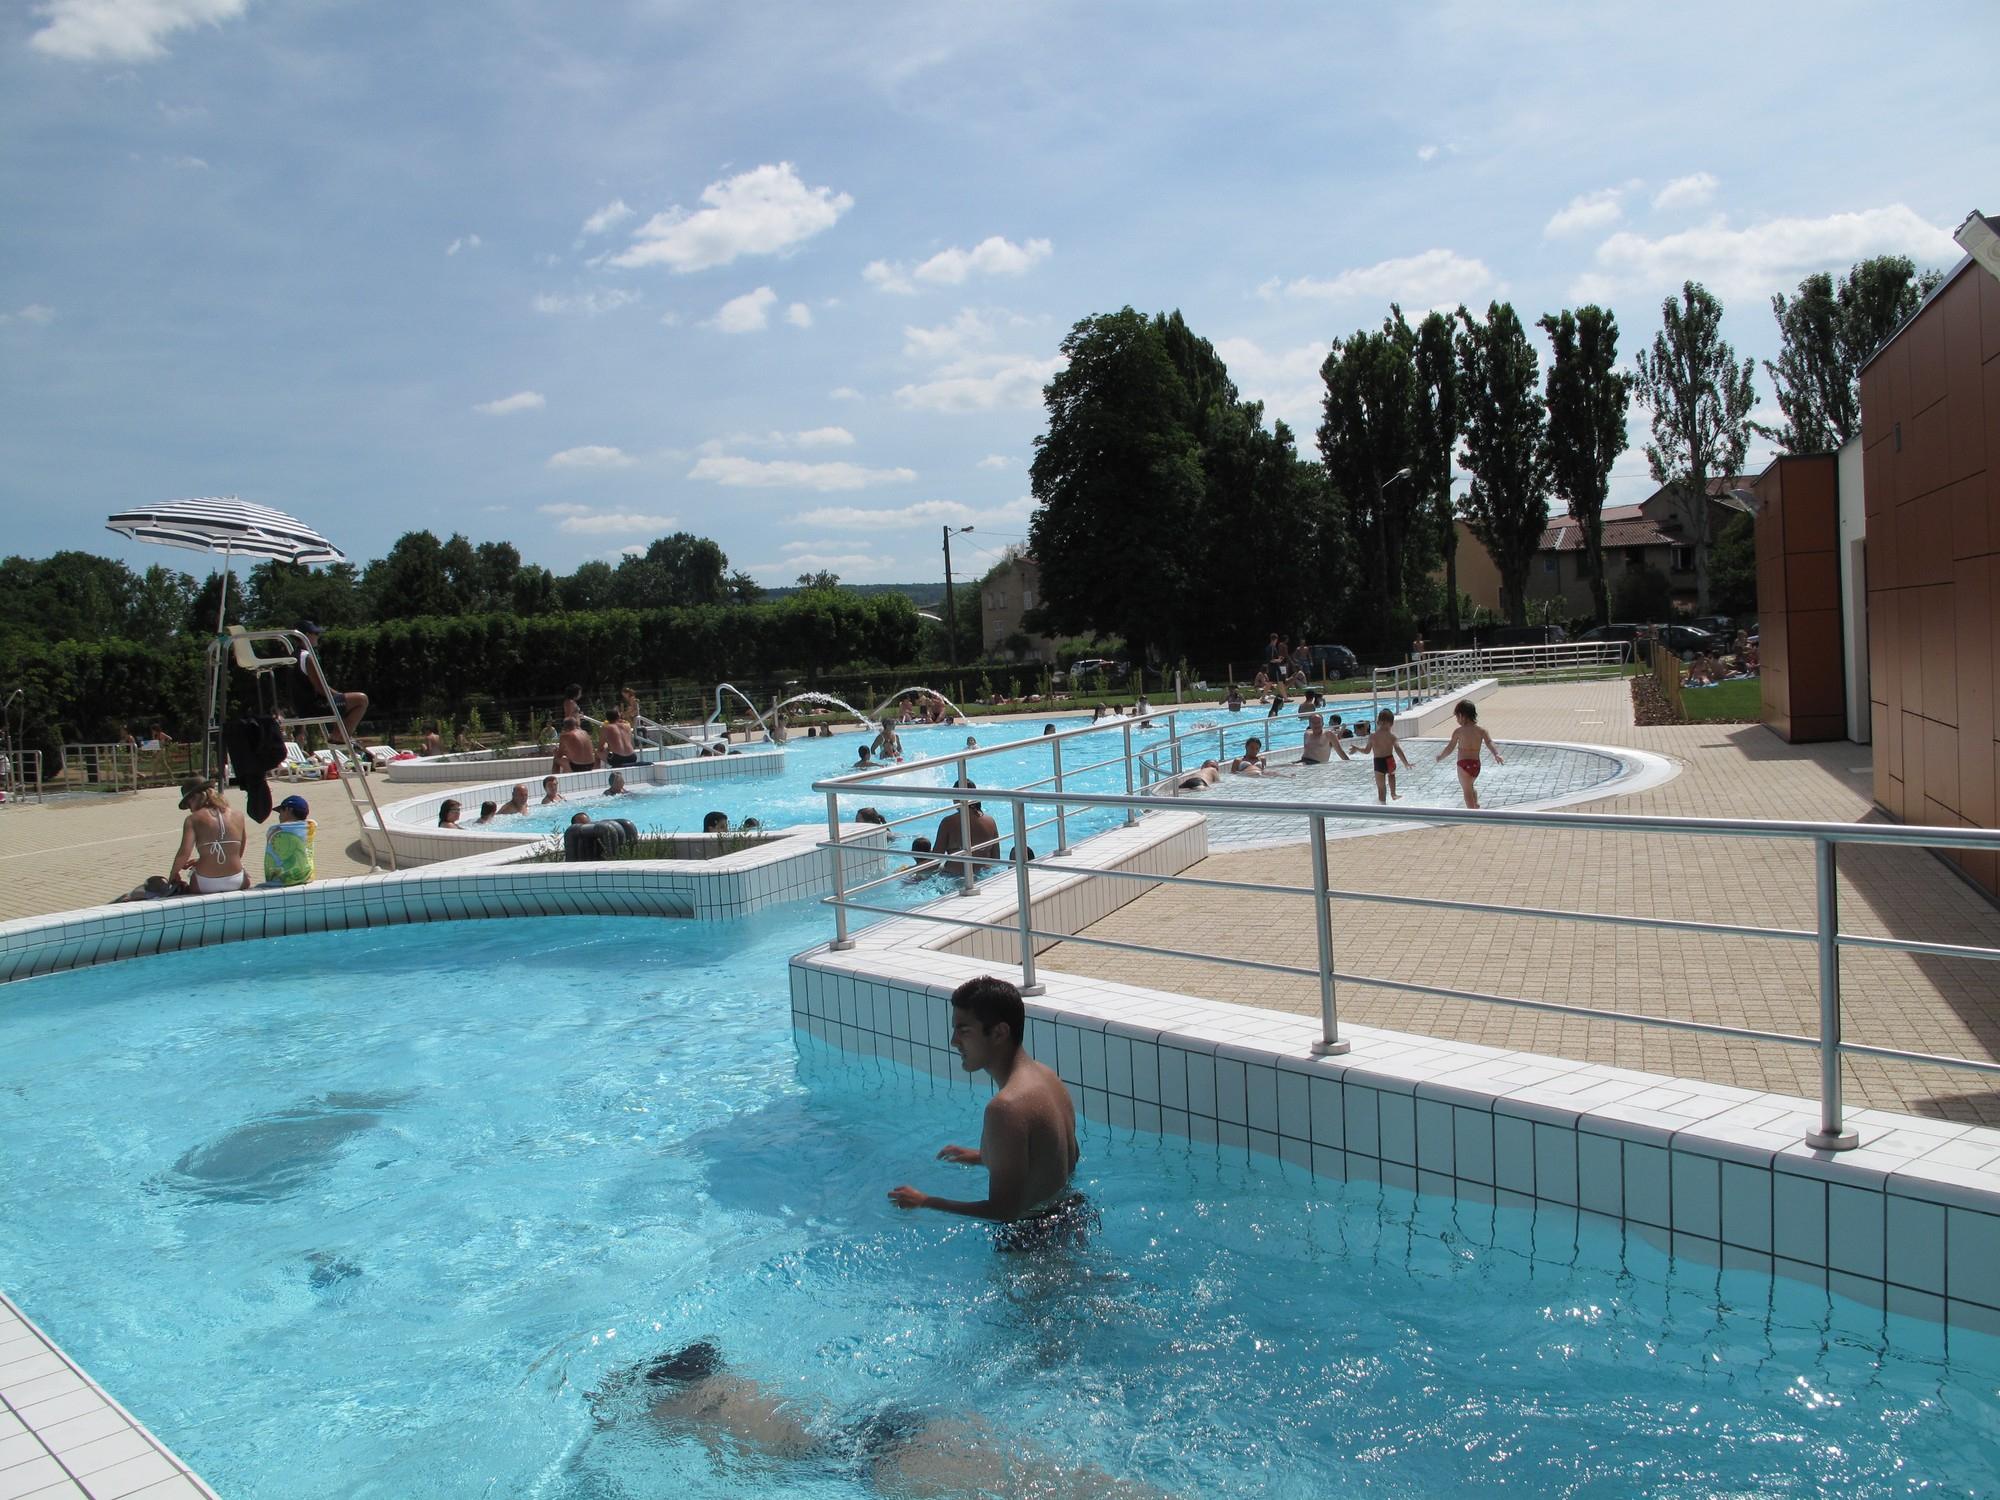 Piscine À Issoire - Horaires Et Tarifs Du Centre Aqualudique à Piscine De L Union